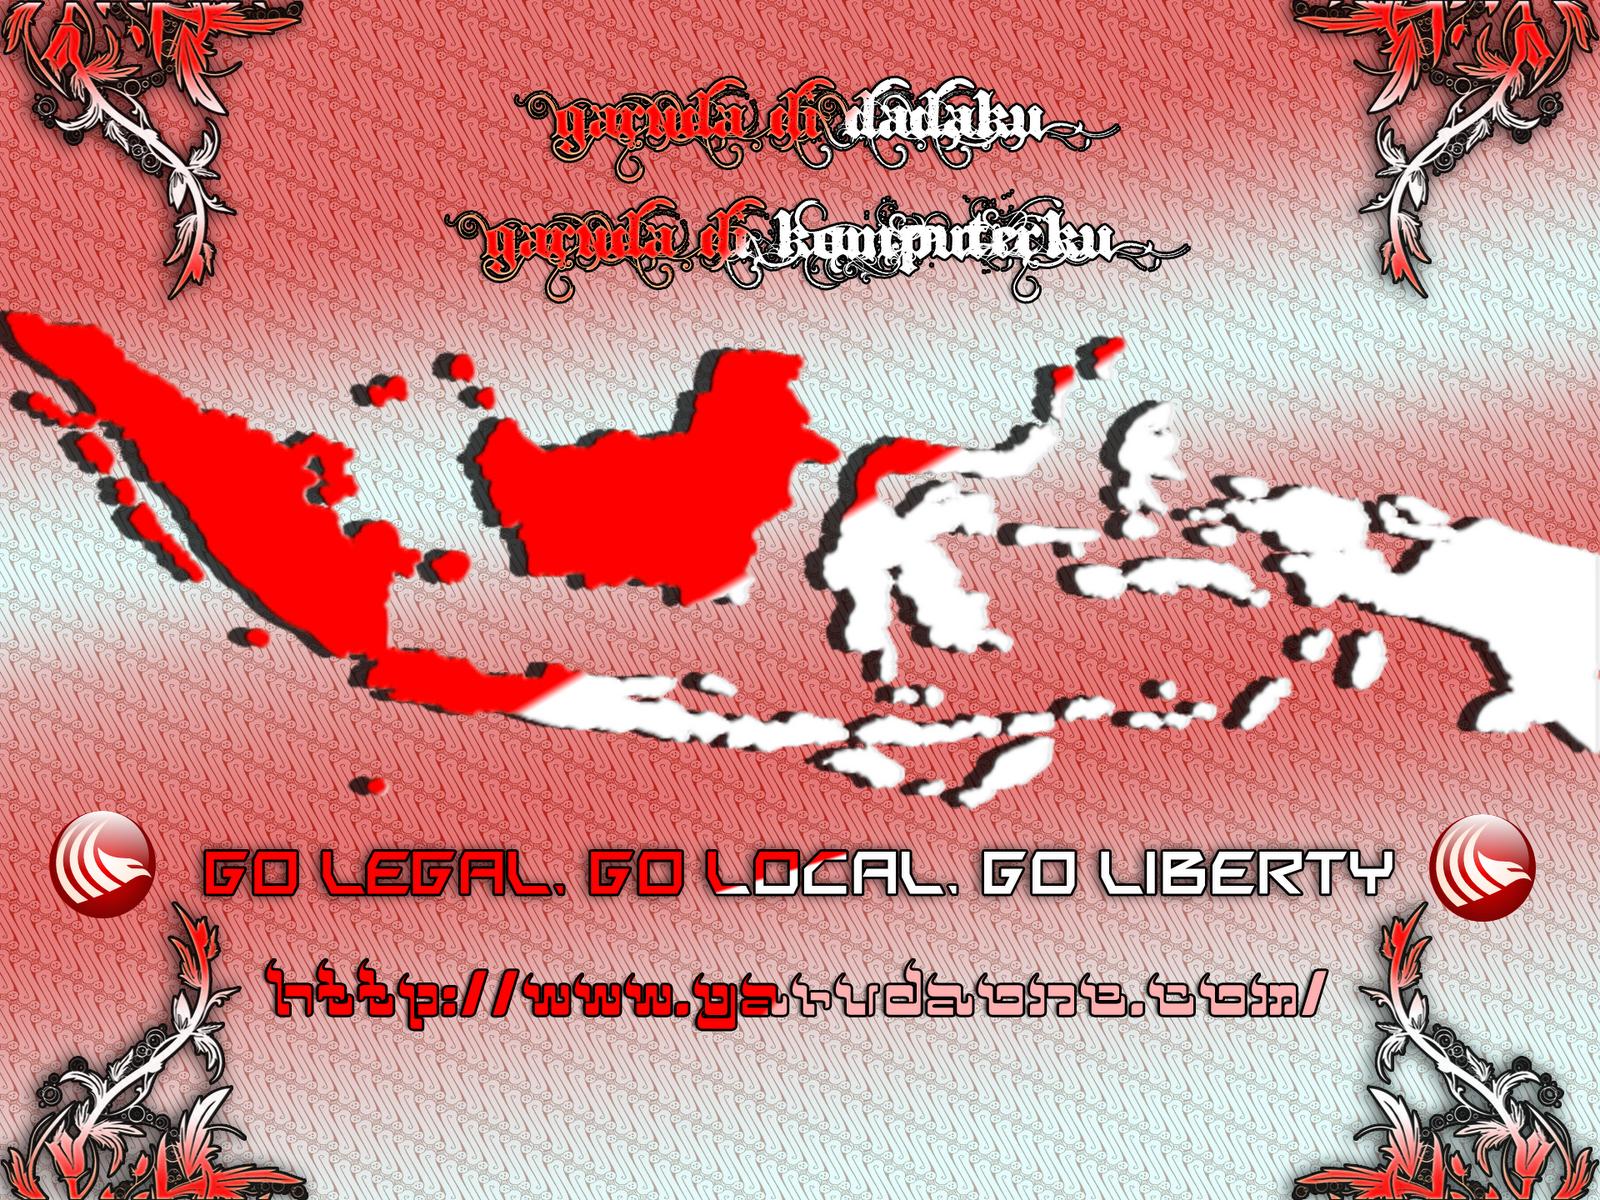 http://3.bp.blogspot.com/-cV1uNvoFO5A/TZLryoeDh5I/AAAAAAAAADo/u9U_ZlIcqf8/s1600/garuda%25281920%25C3%25971440%2529.png